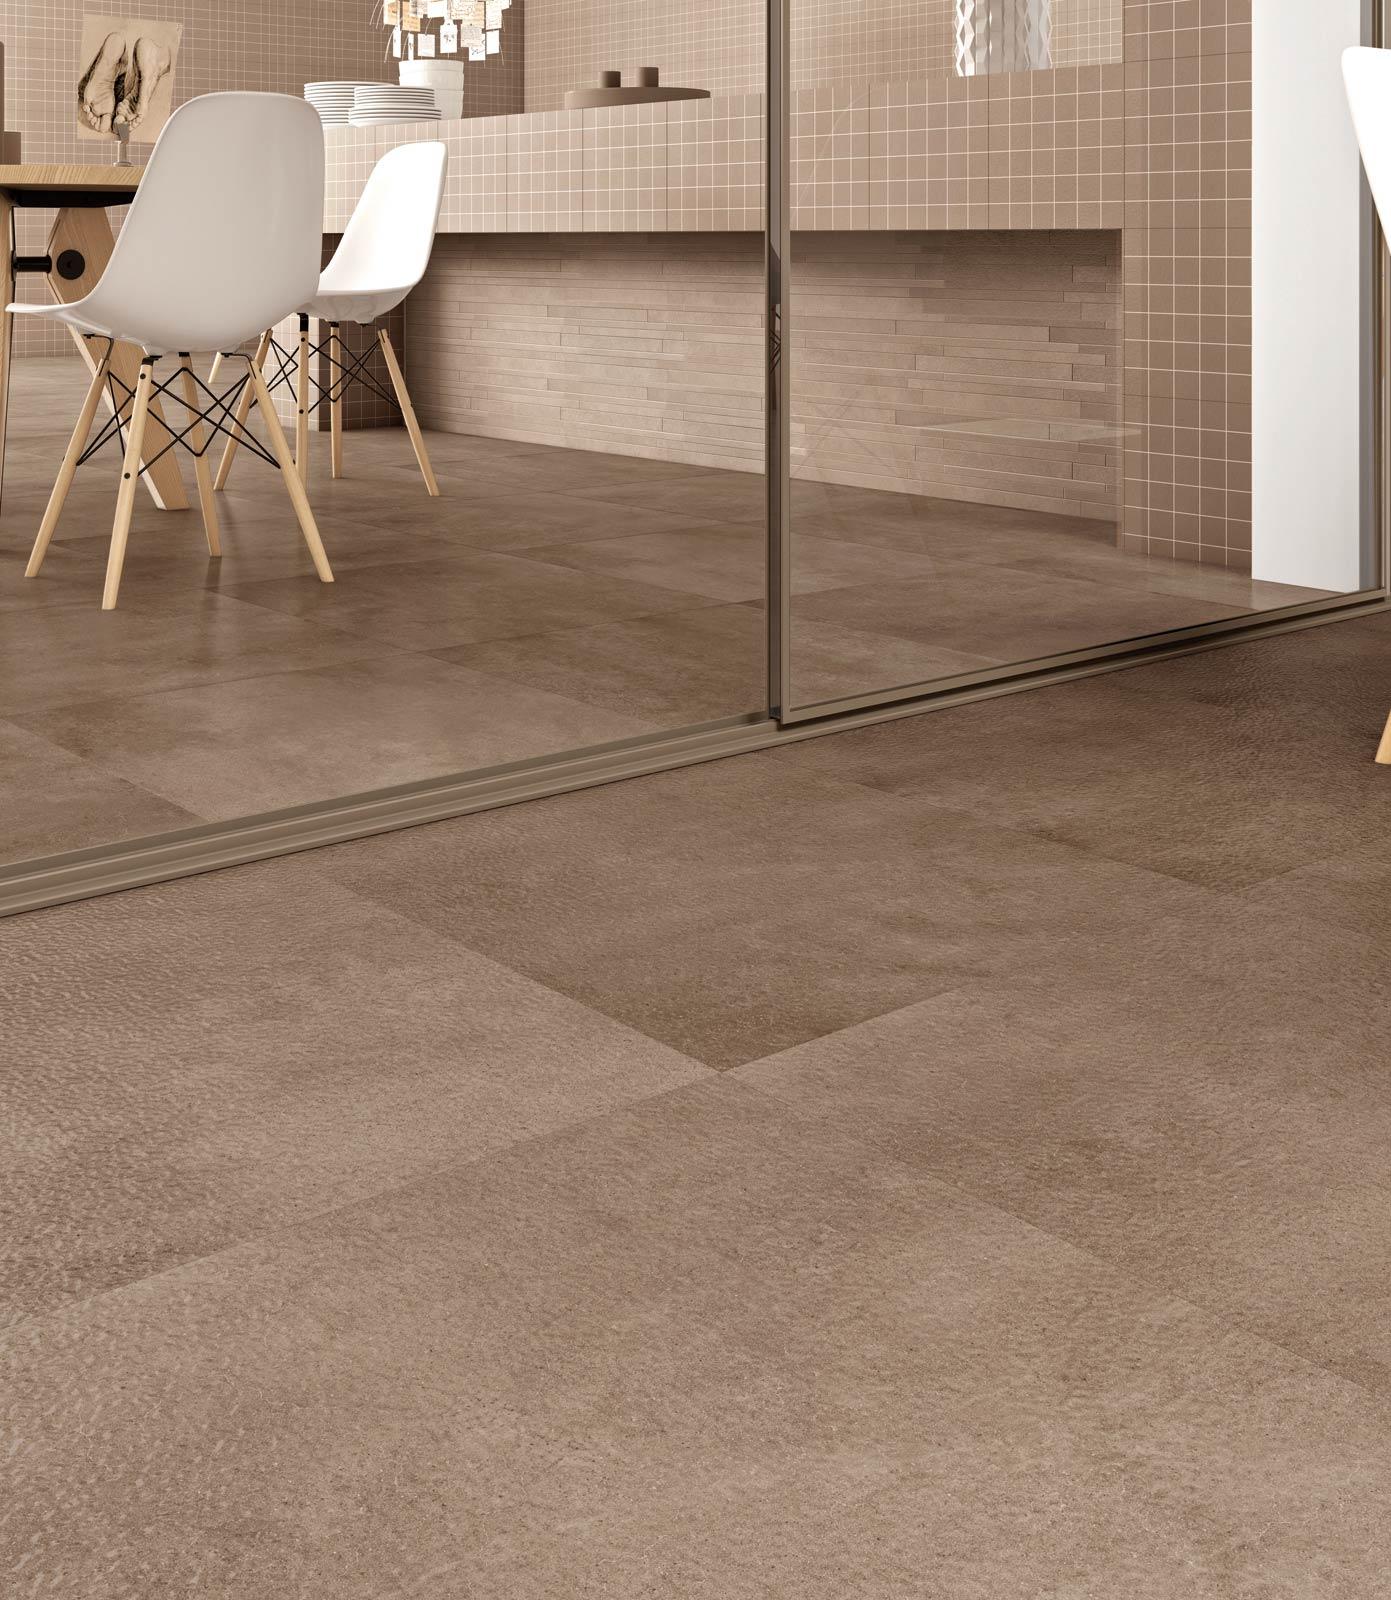 Piastrelle pavimenti e rivestimenti effetti e colori - Piastrelle in cotto per interni ...